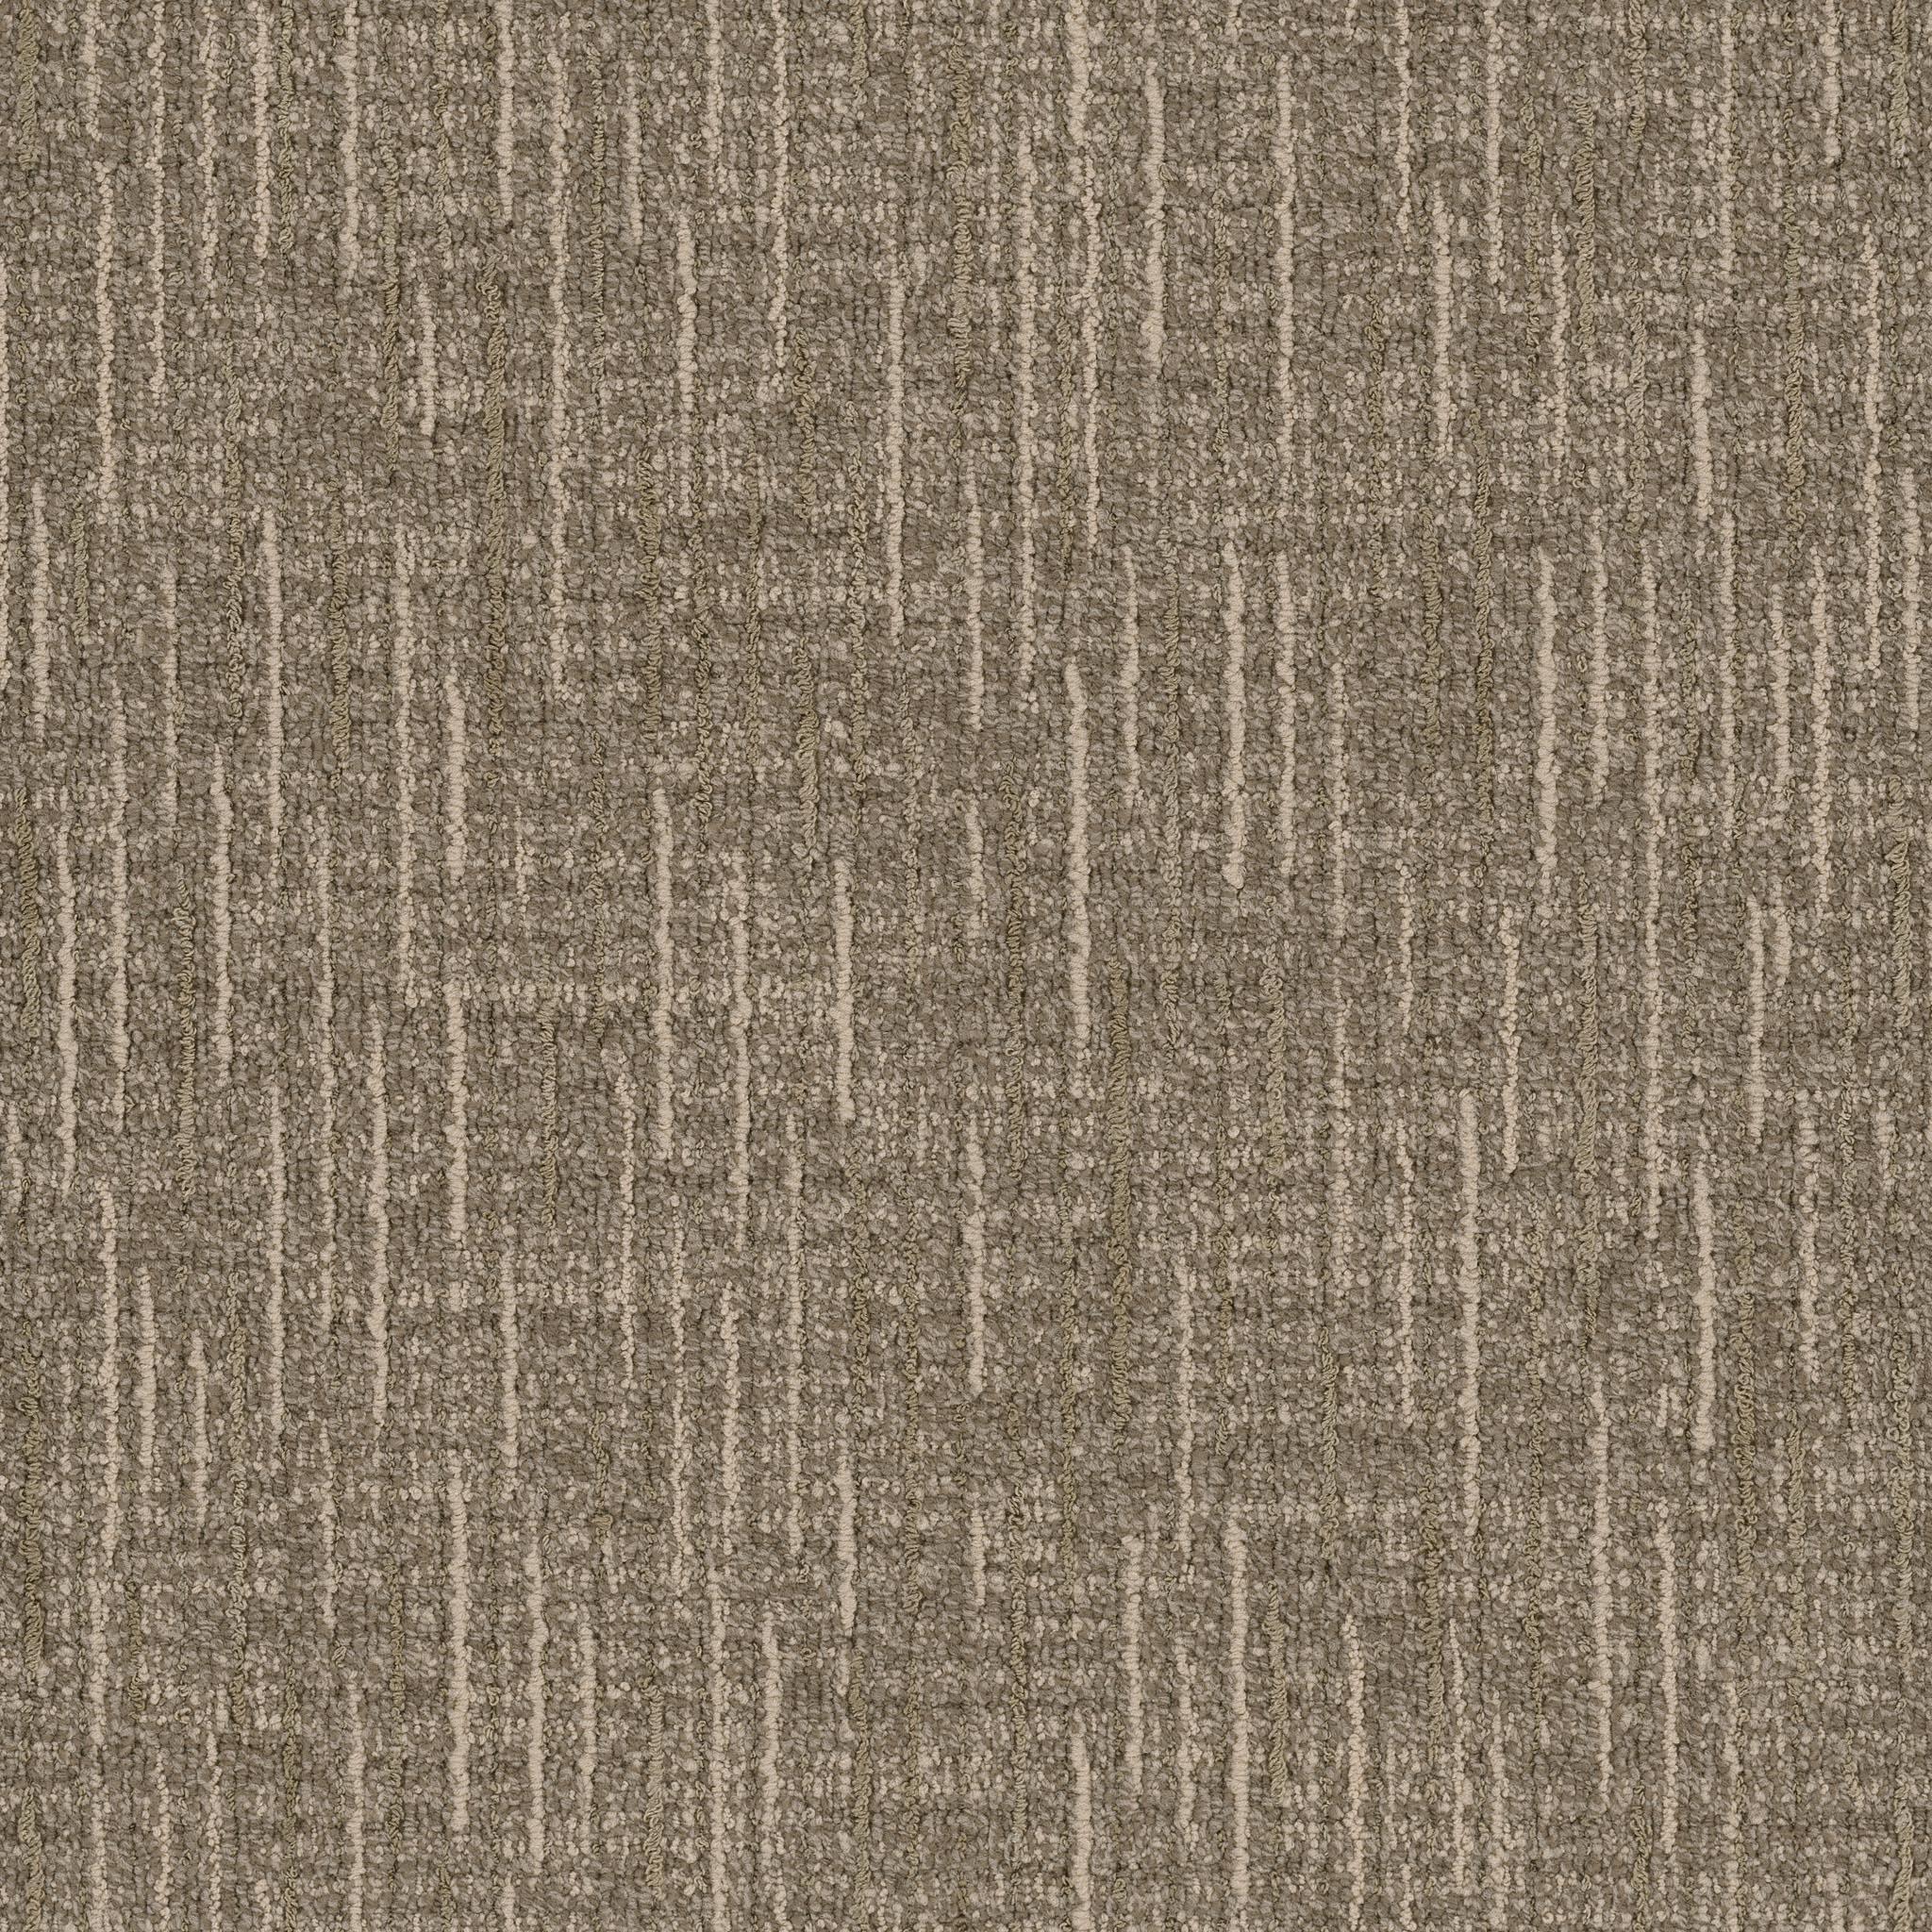 J J Invision Carpet Warranty - Carpet Vidalondon